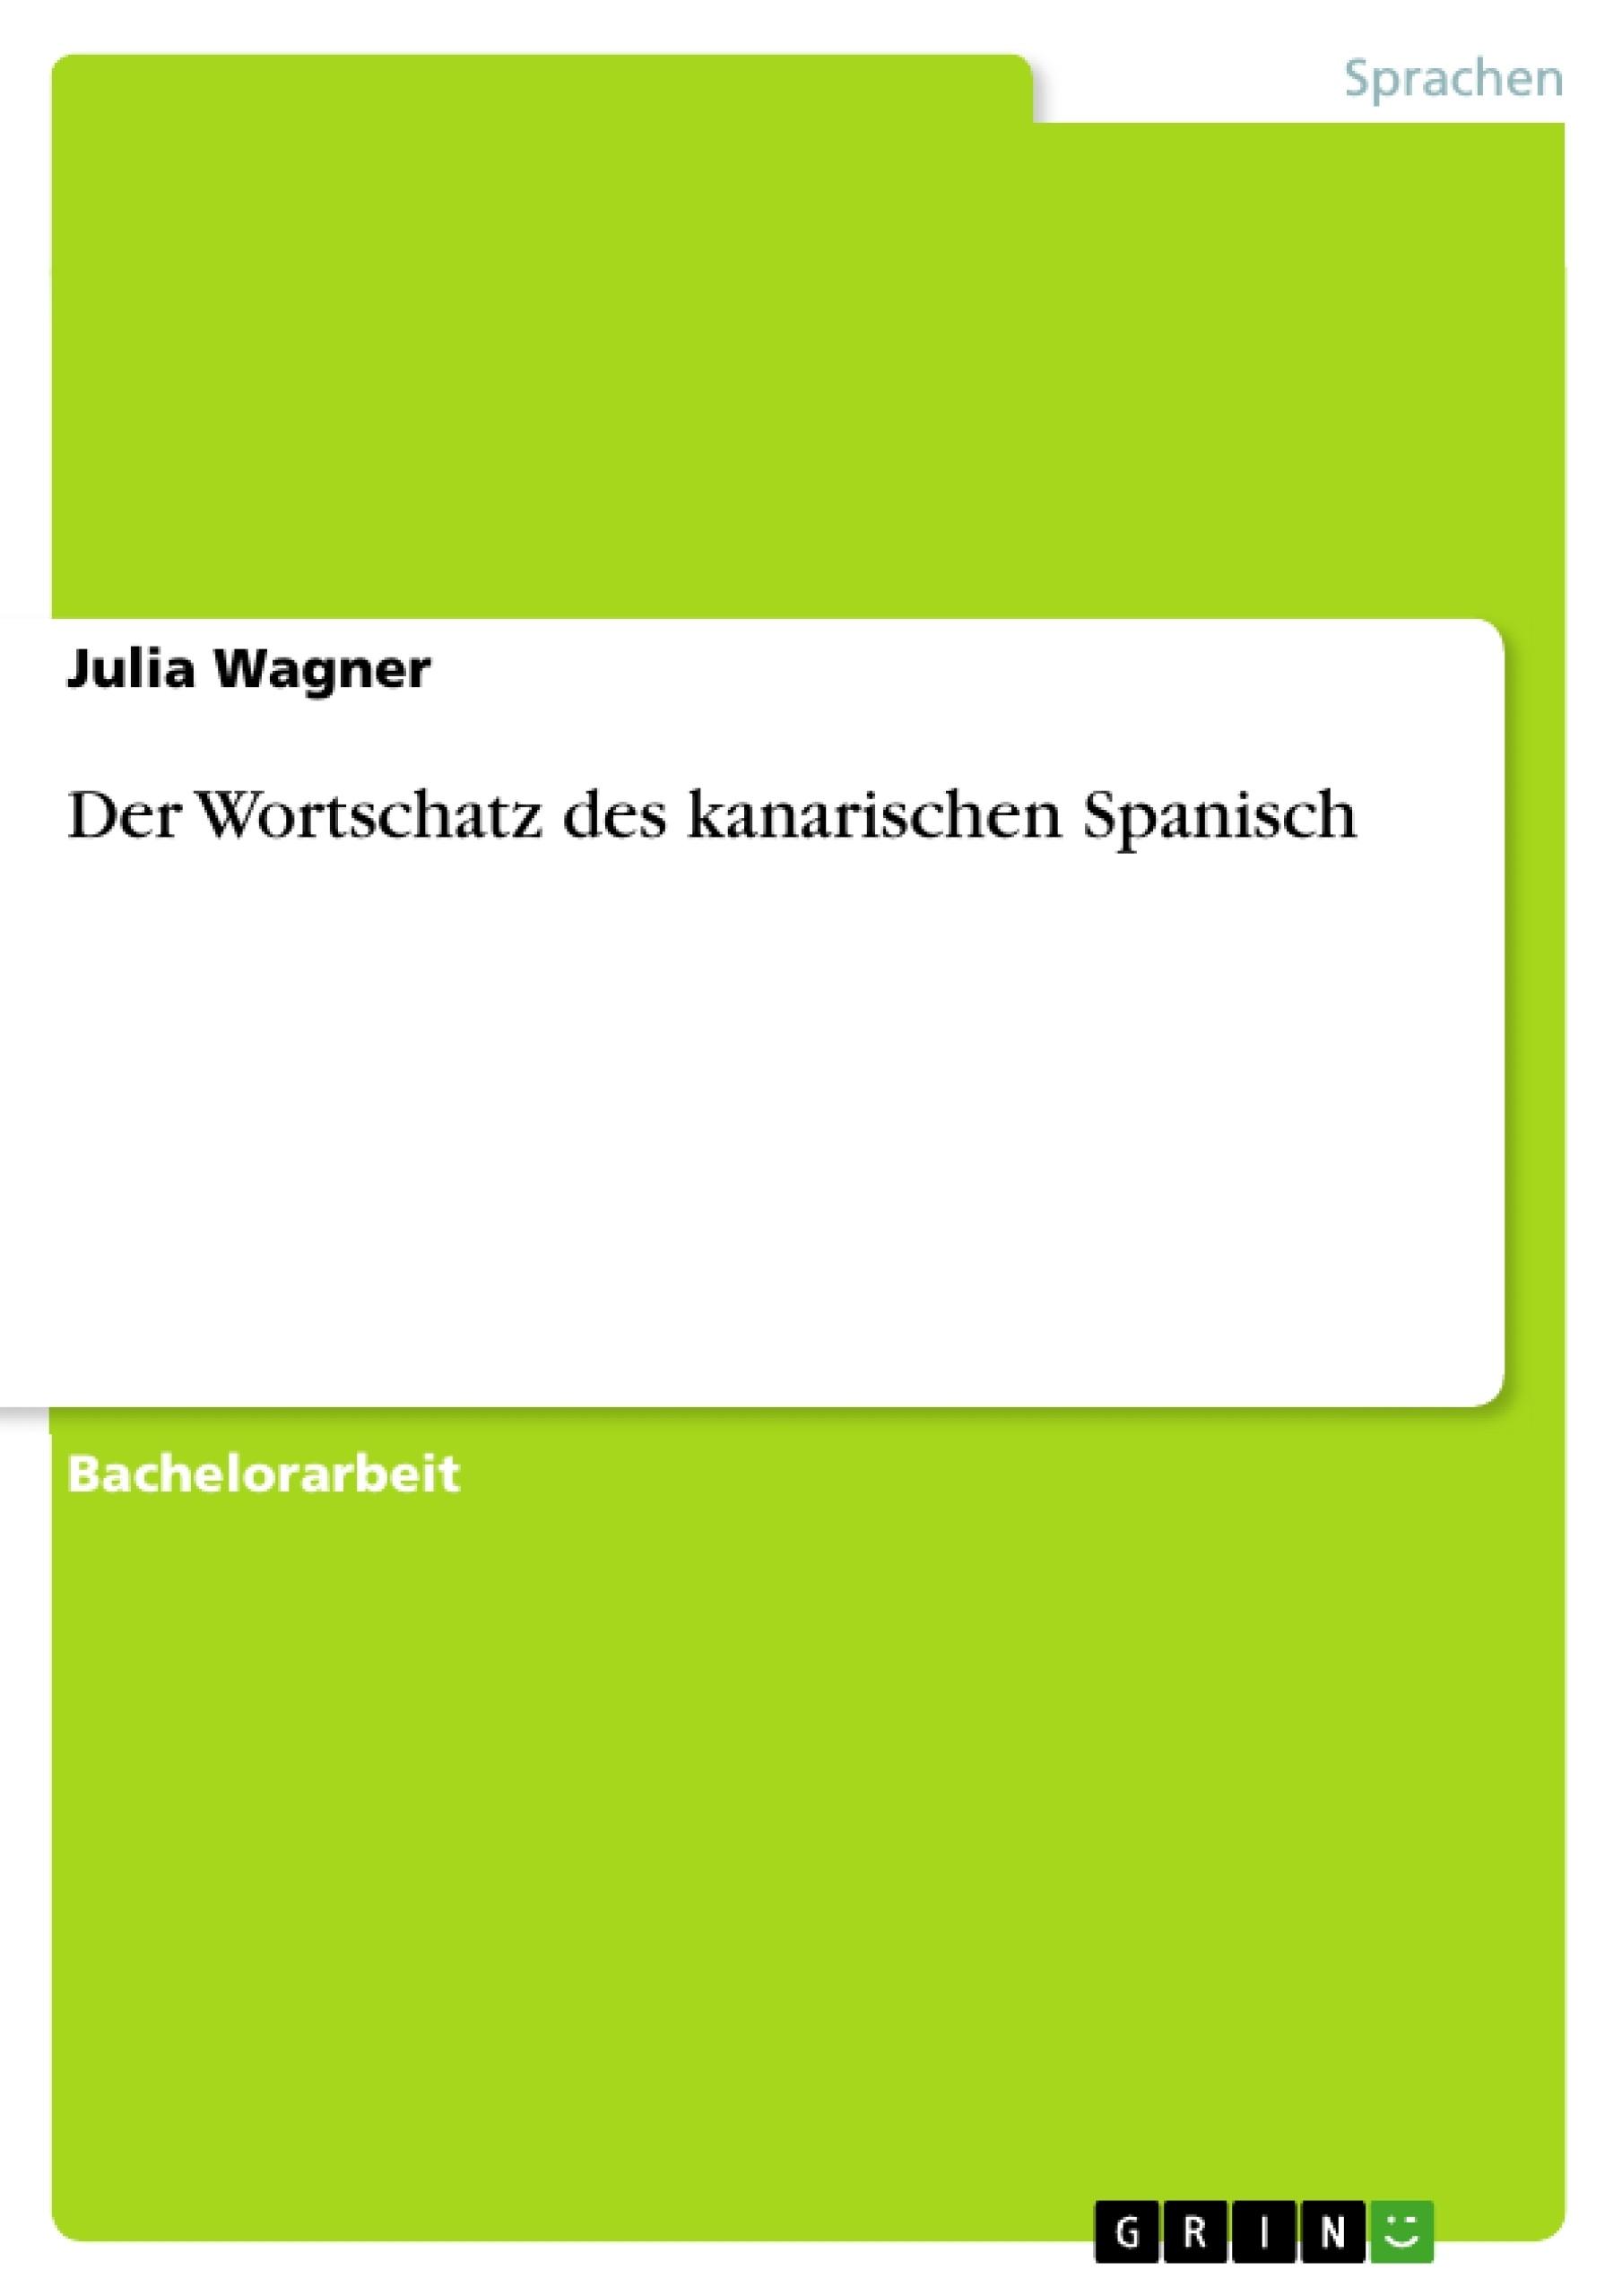 Titel: Der Wortschatz des kanarischen Spanisch